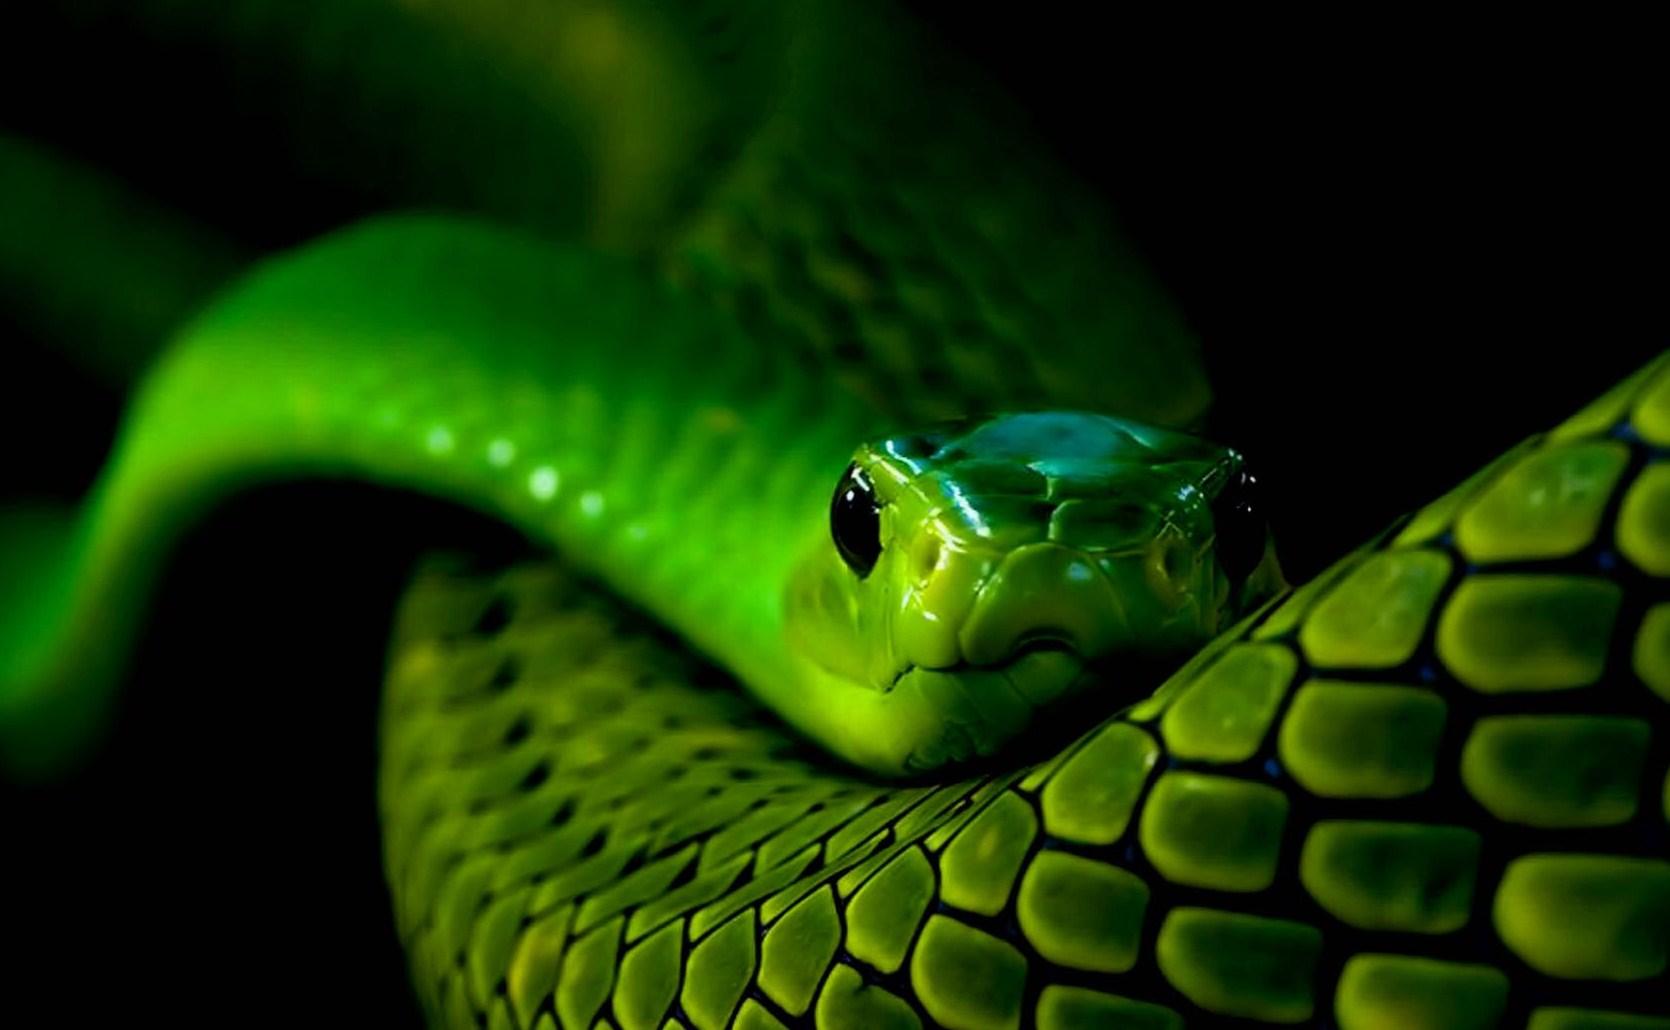 Snake Eyes Wallpaper   ForWallpapercom 1670x1030